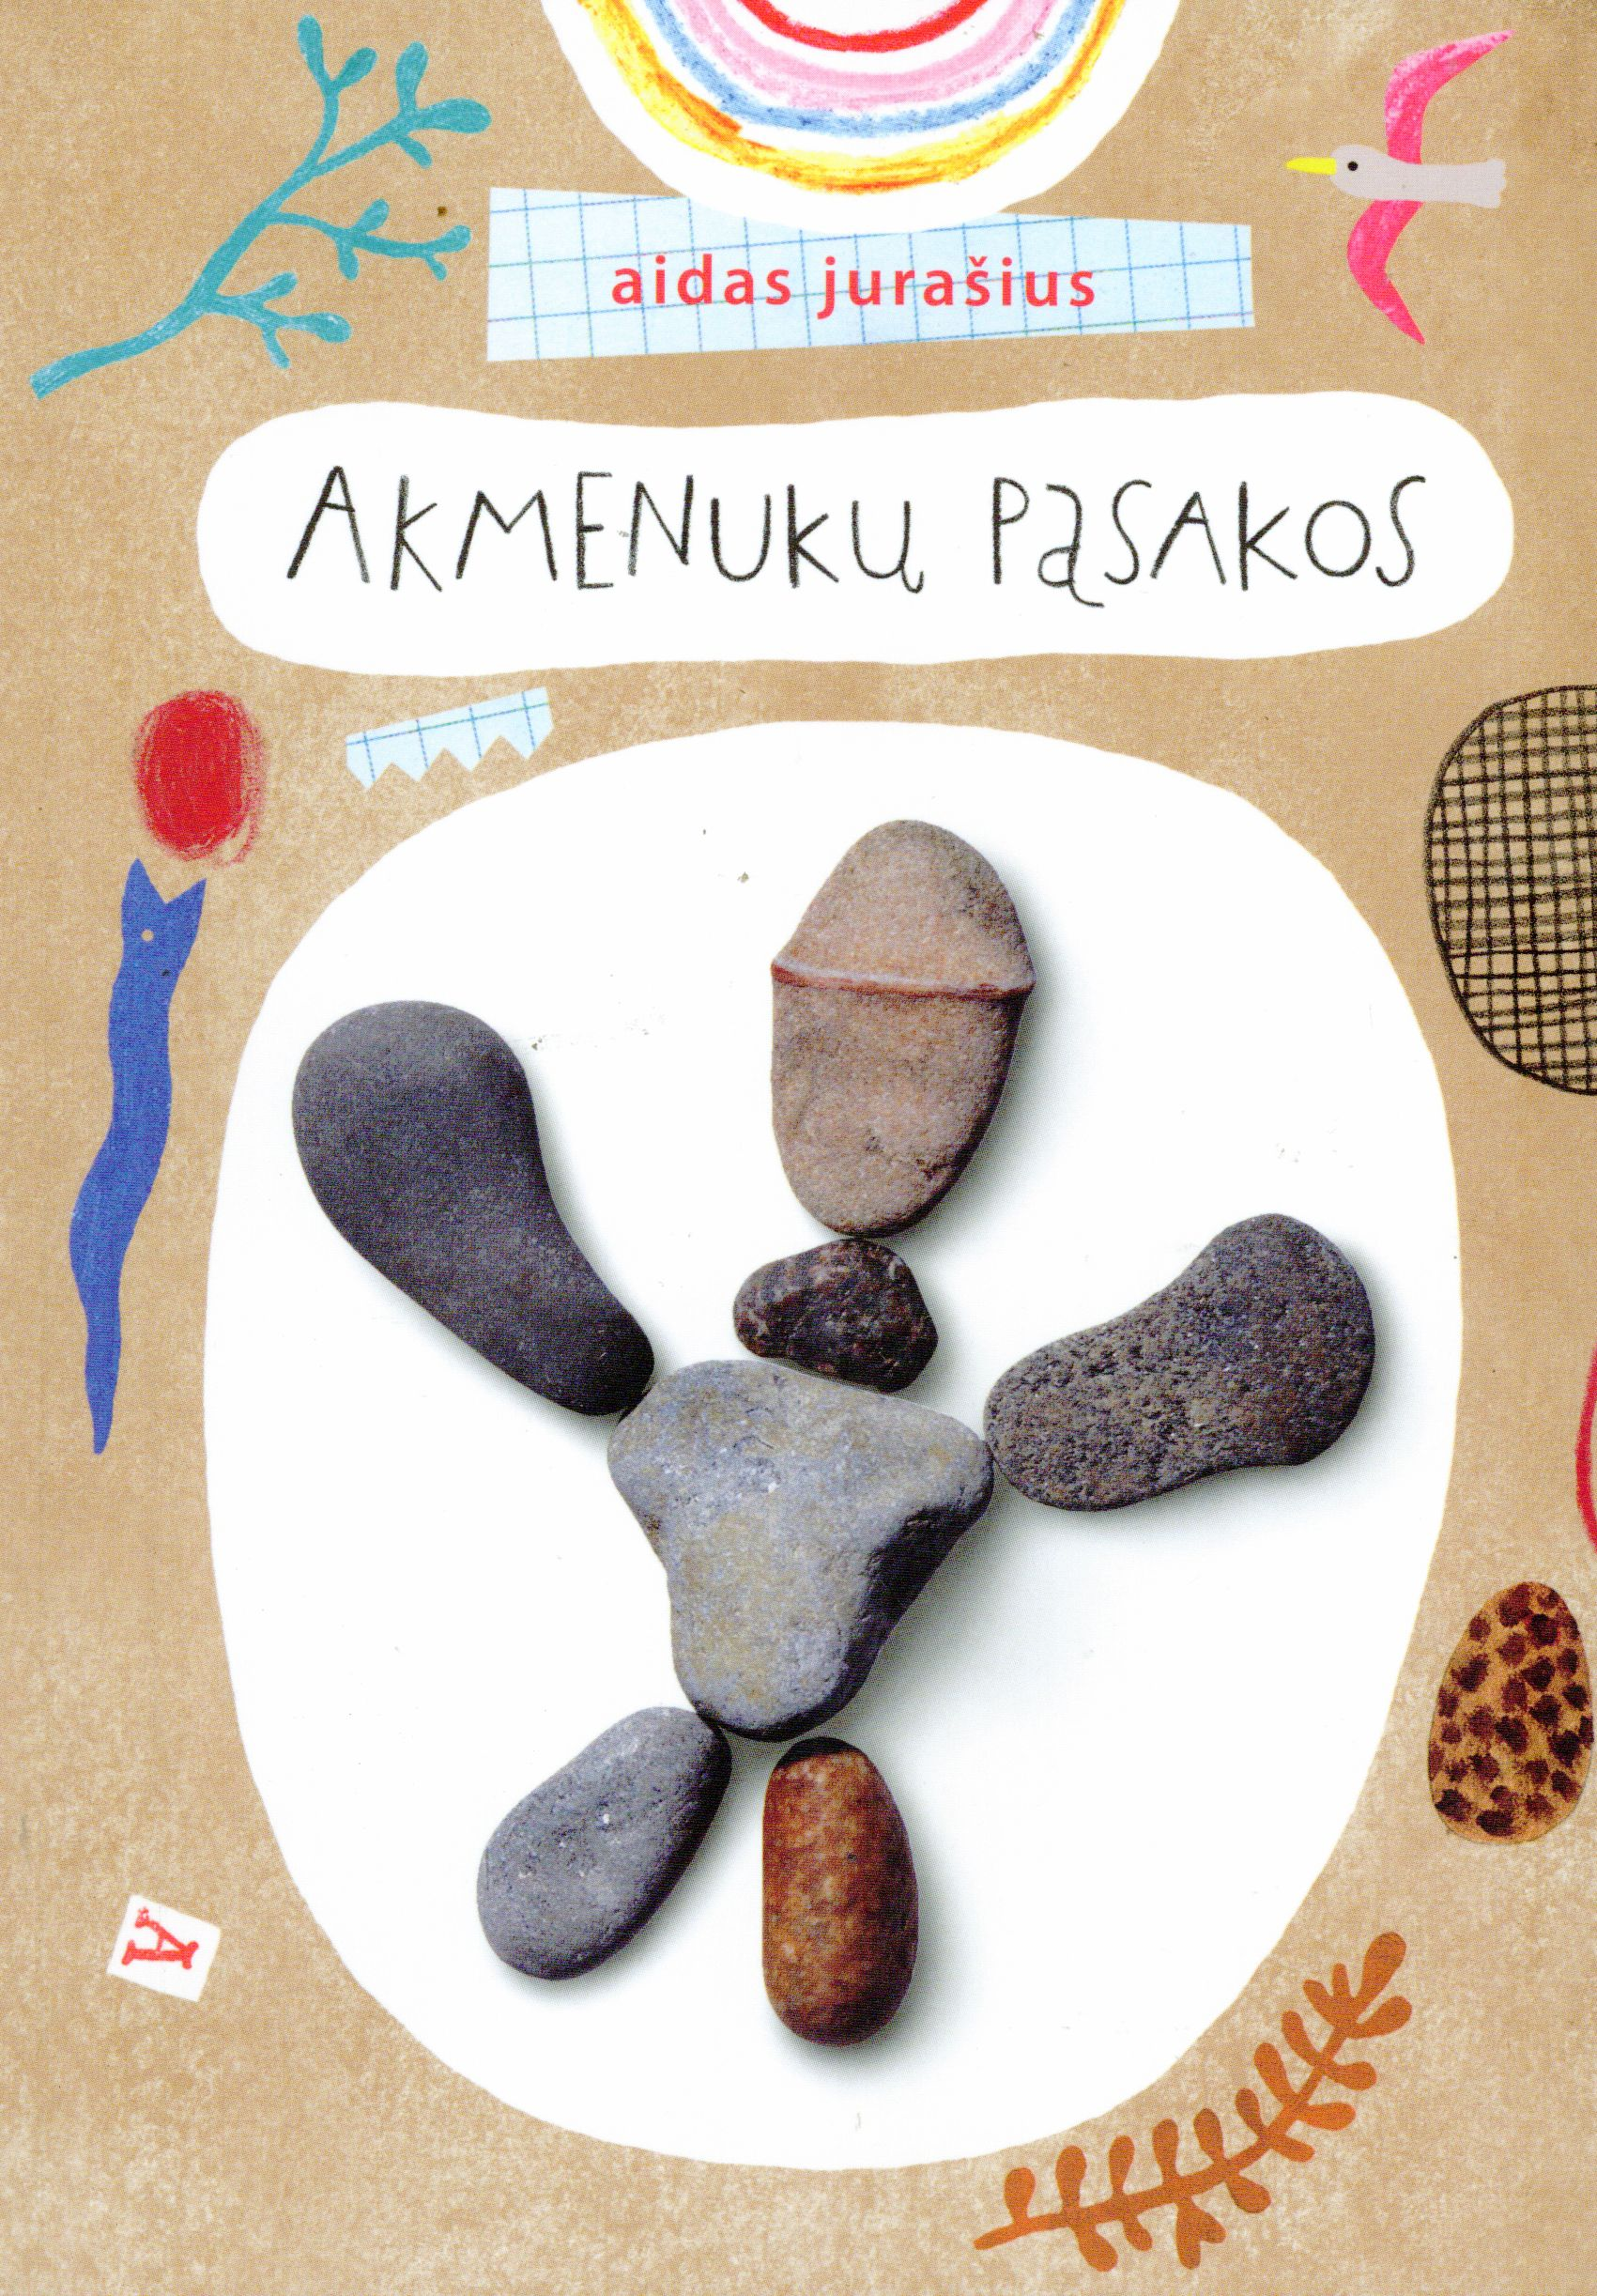 Akmenukų pasakos